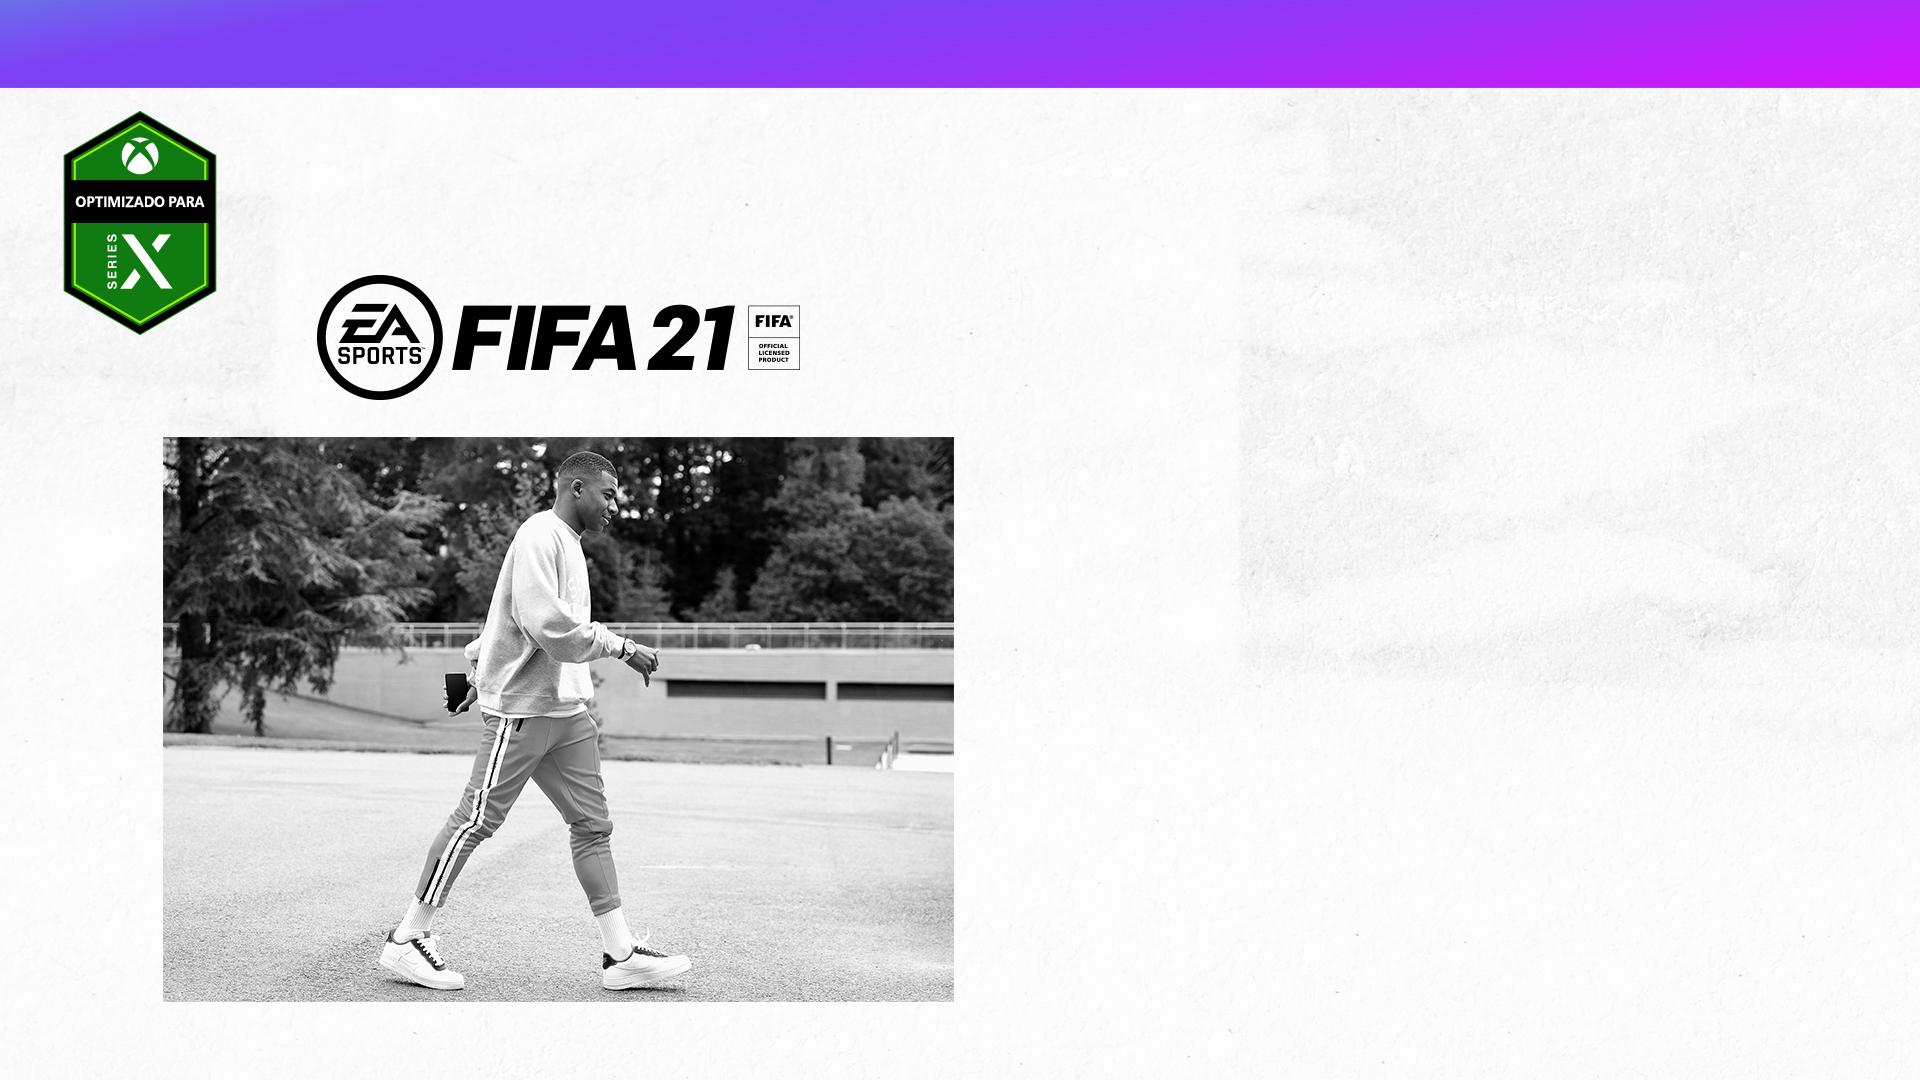 Optimizado para Xbox Series X, logotipo de EA Sports, FIFA 21, FIFA Official Licensed Product, Kylian Mbappé caminando